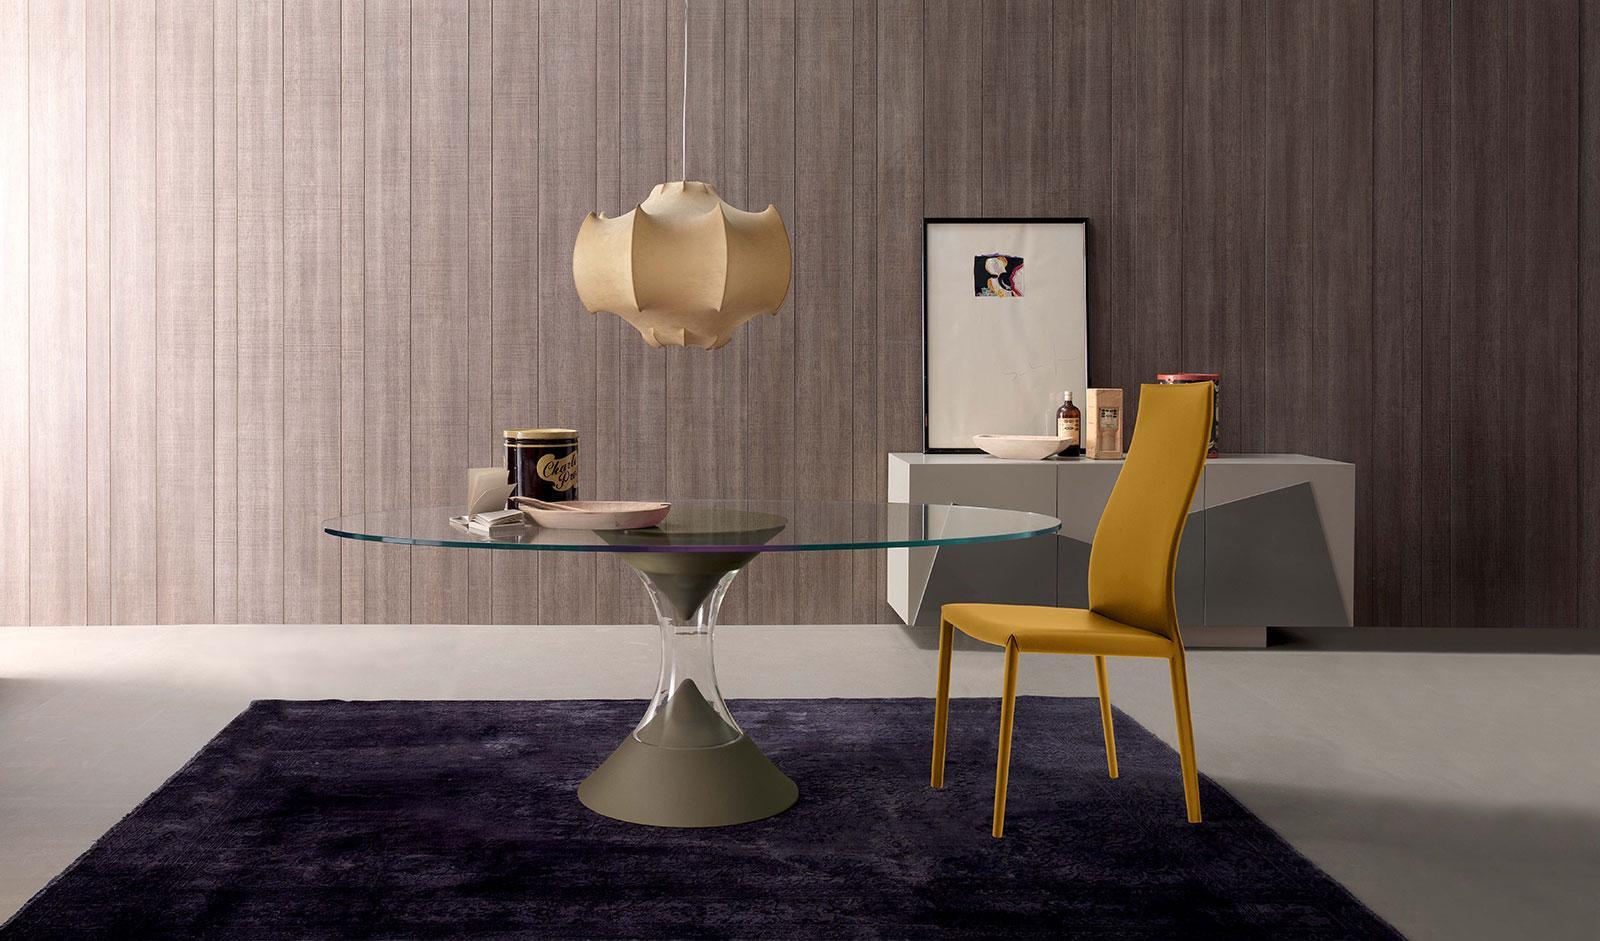 Credenza Moderna Bianca Alta : Credenza alta moderna in legno laccato bianca prisma